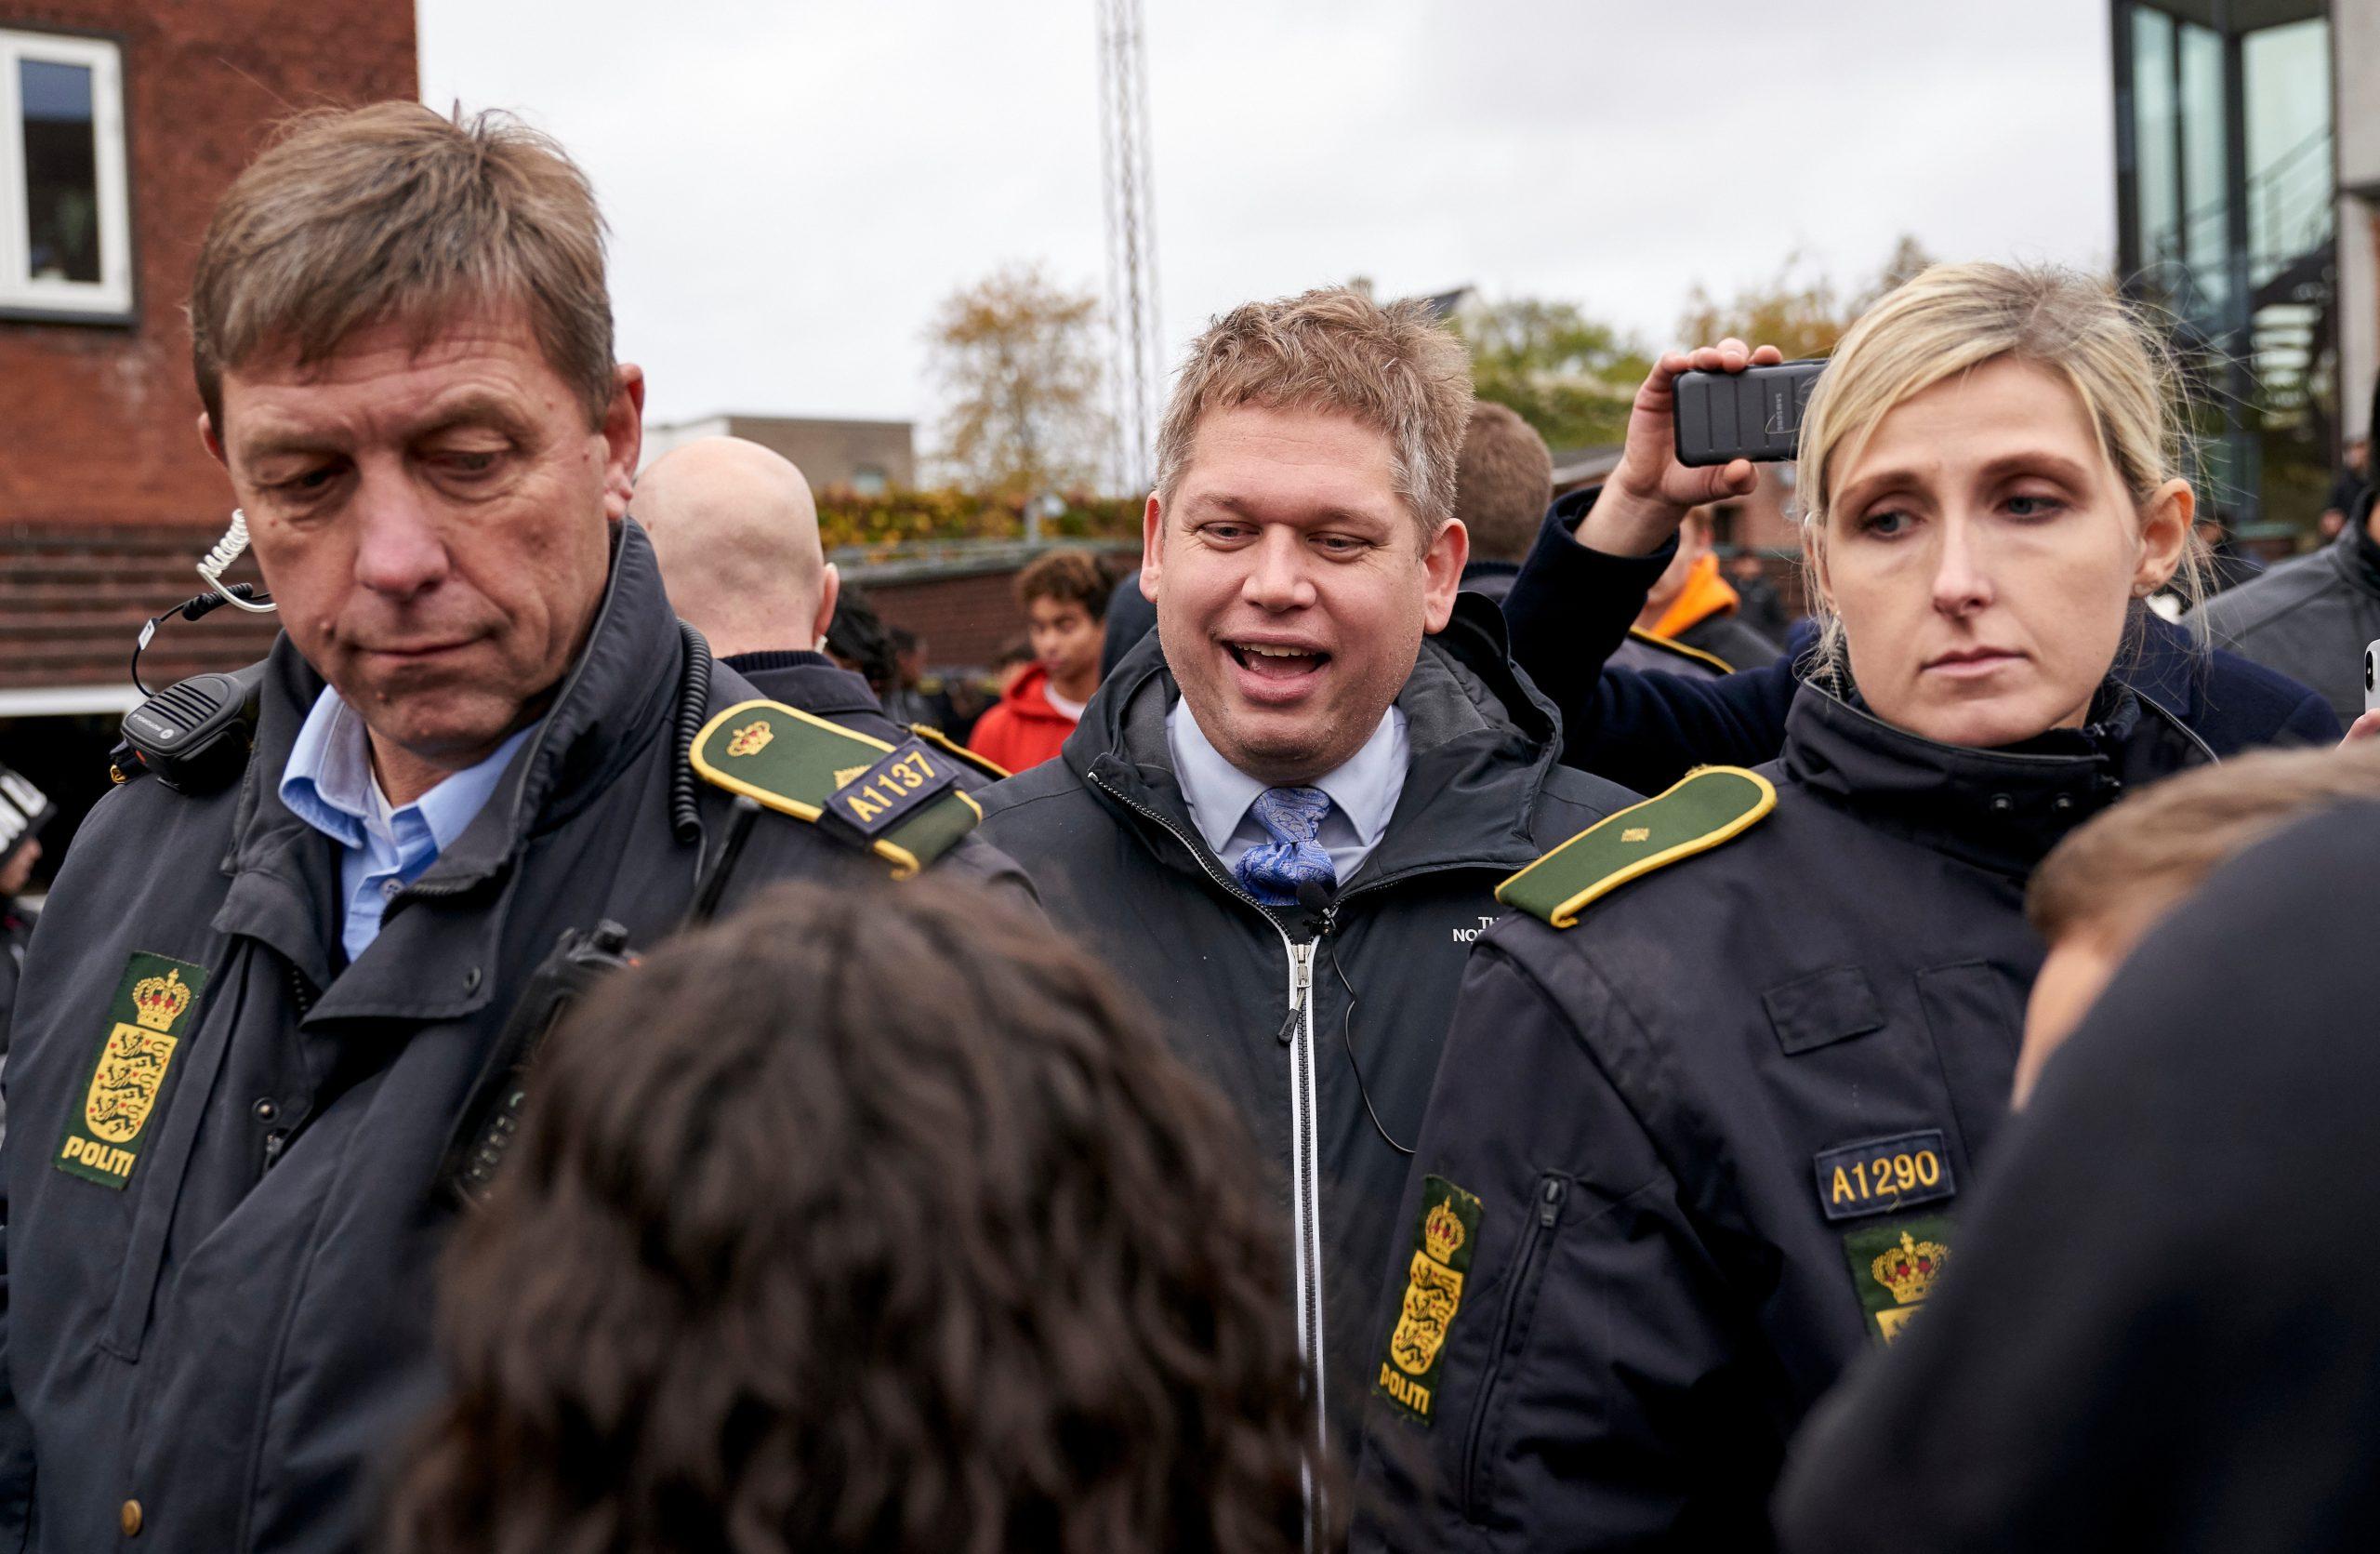 Stram Kurs  demonstration i Aarhus. Rasmus Paludan fra Stram Kurs holder dem på Åbyhøj Torv. Demoen blev afbrud og Rasmus blev  eskorteret væk af politiet.